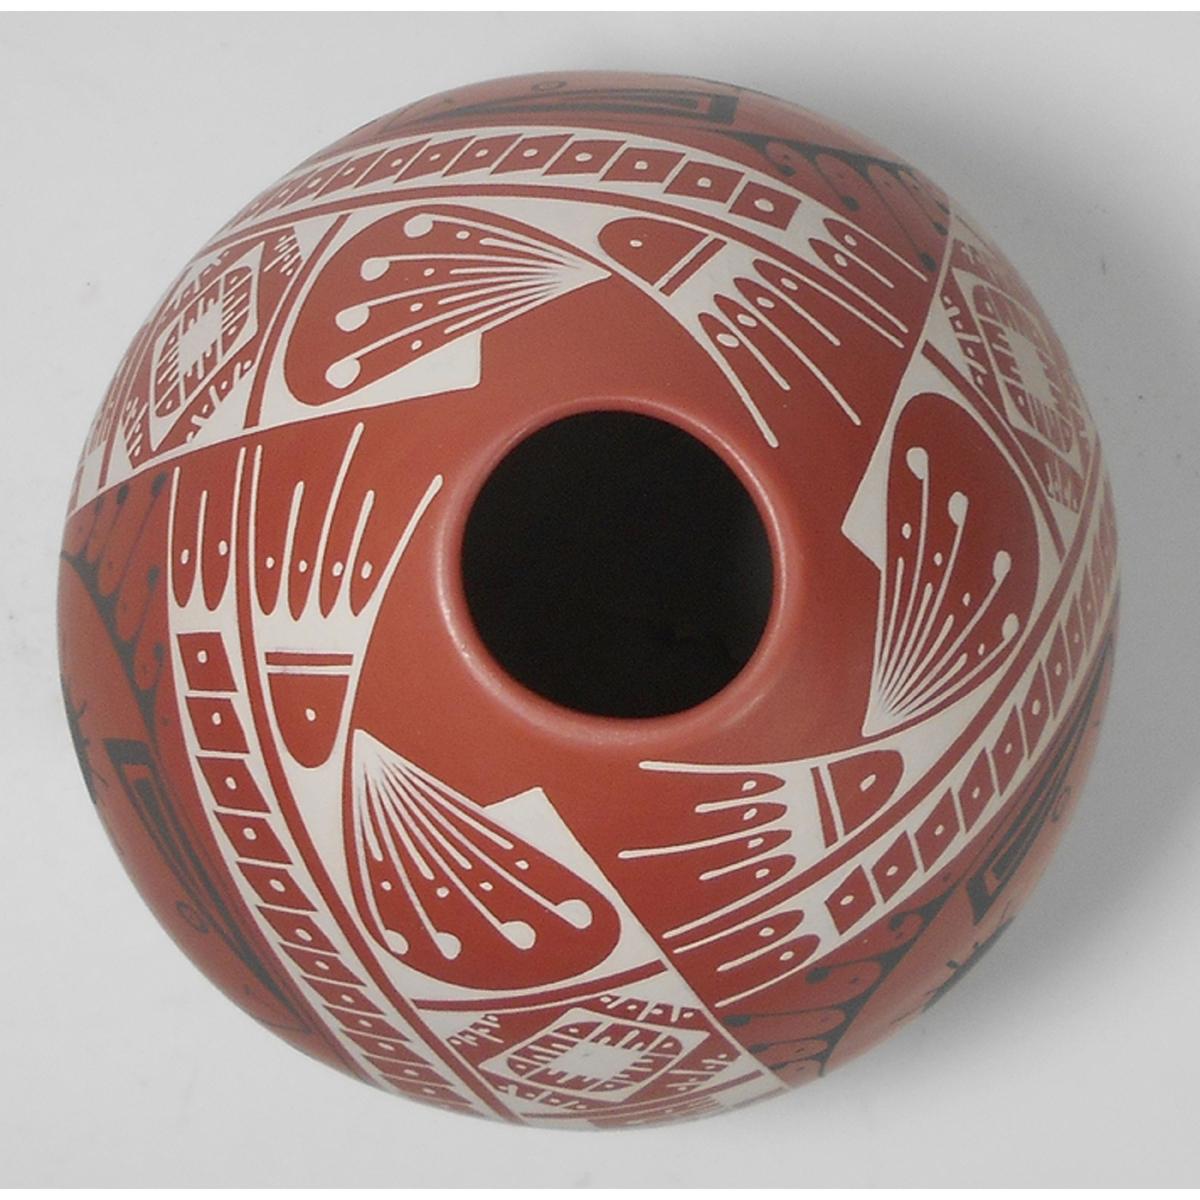 Mata Ortiz Pottery, Chihuahua Oscar Quezada Jr. Mata Ortiz Pottery